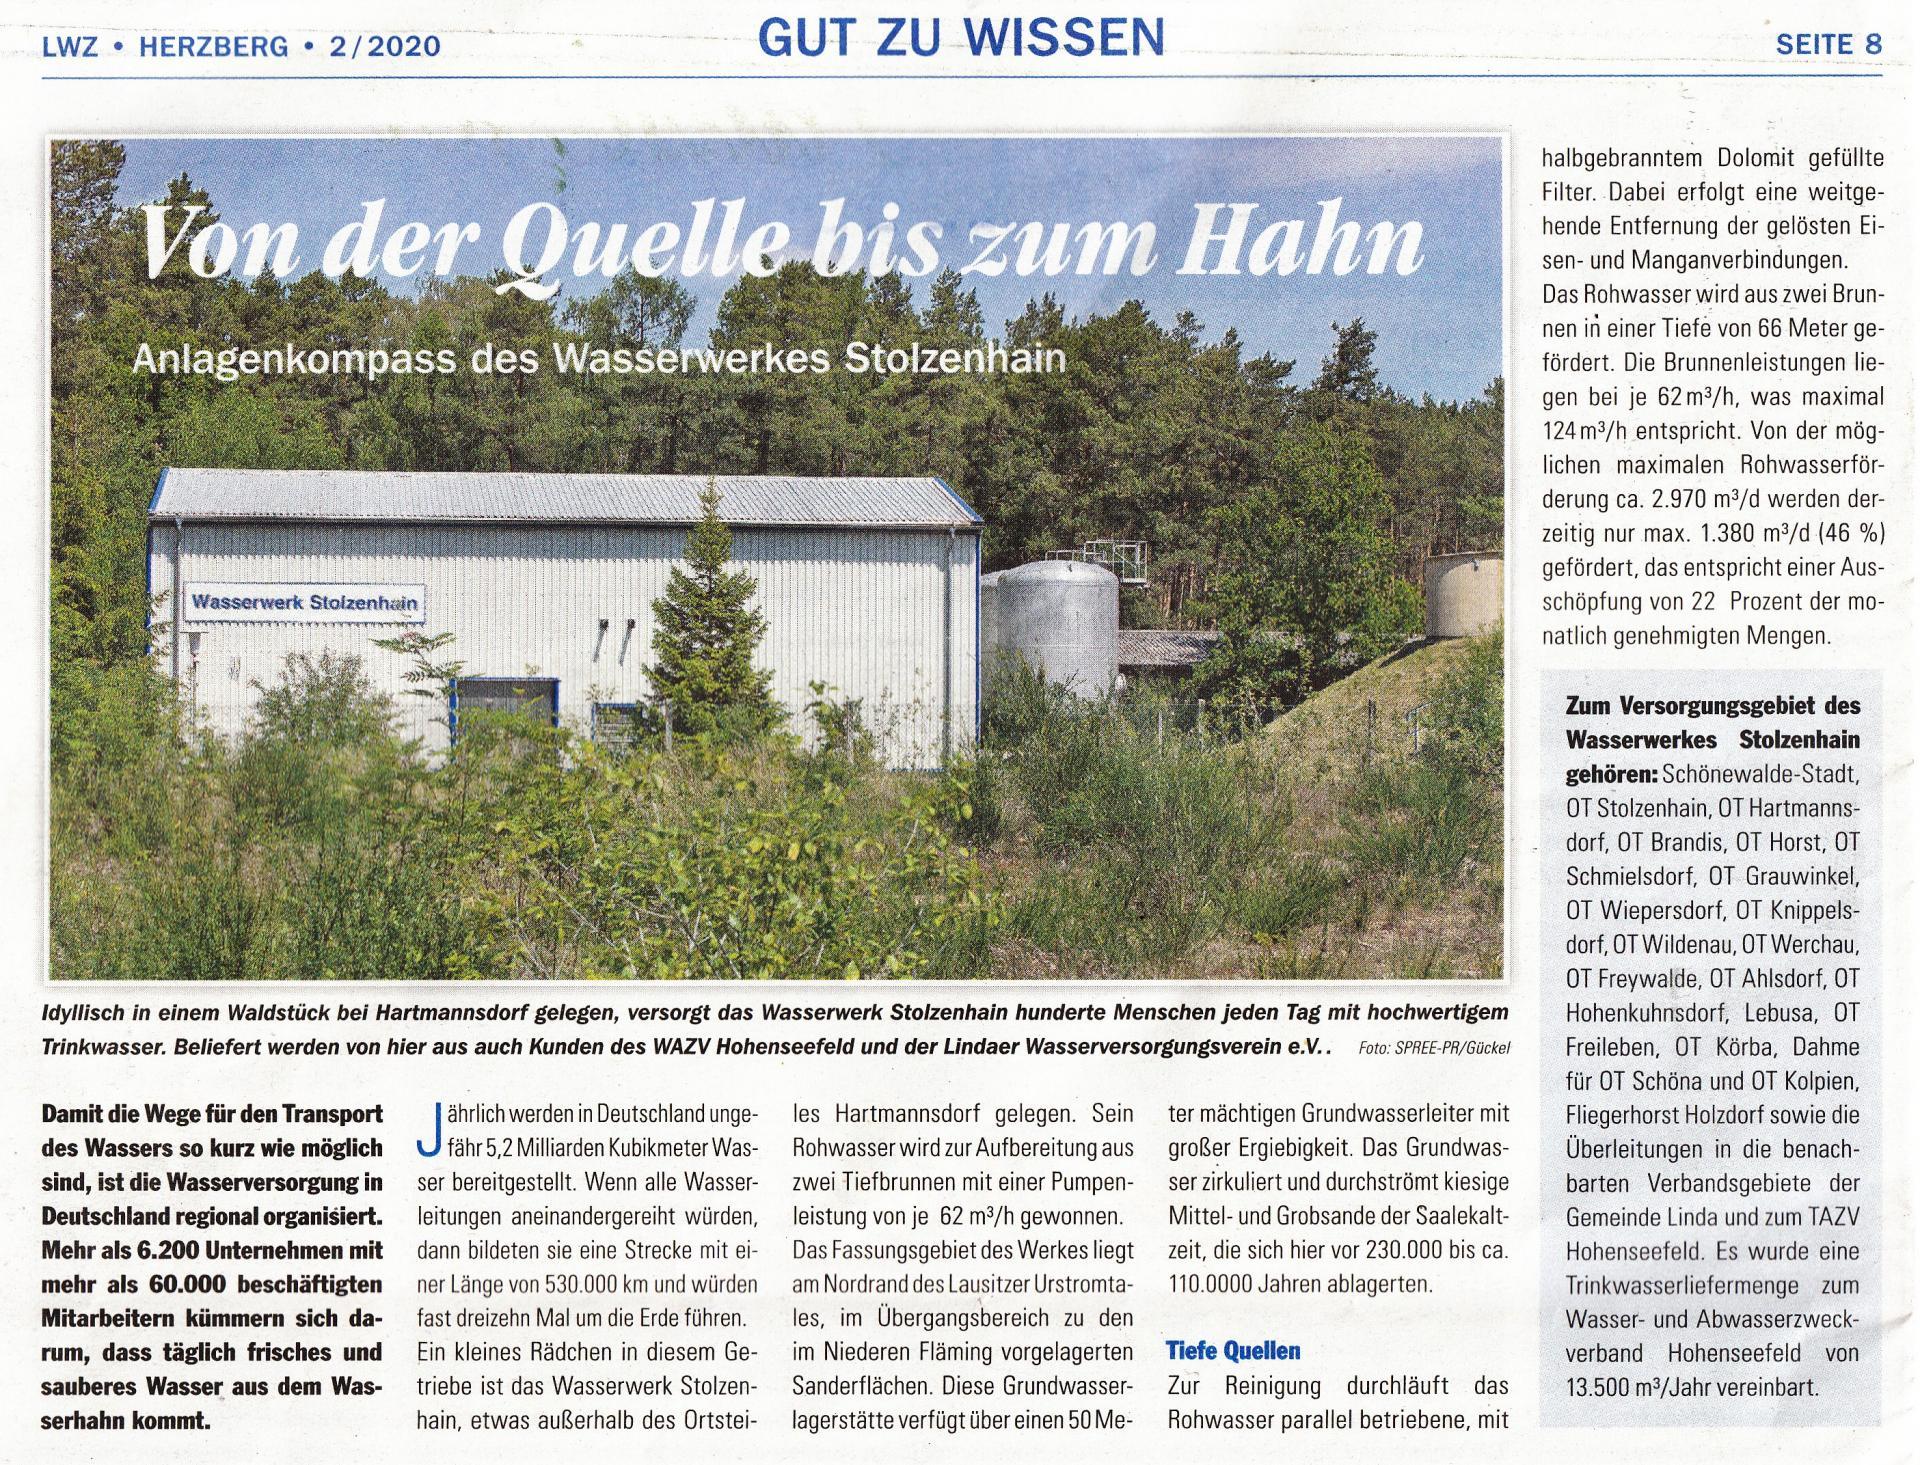 Artikel aus der Lausitzer Wasserzeitung